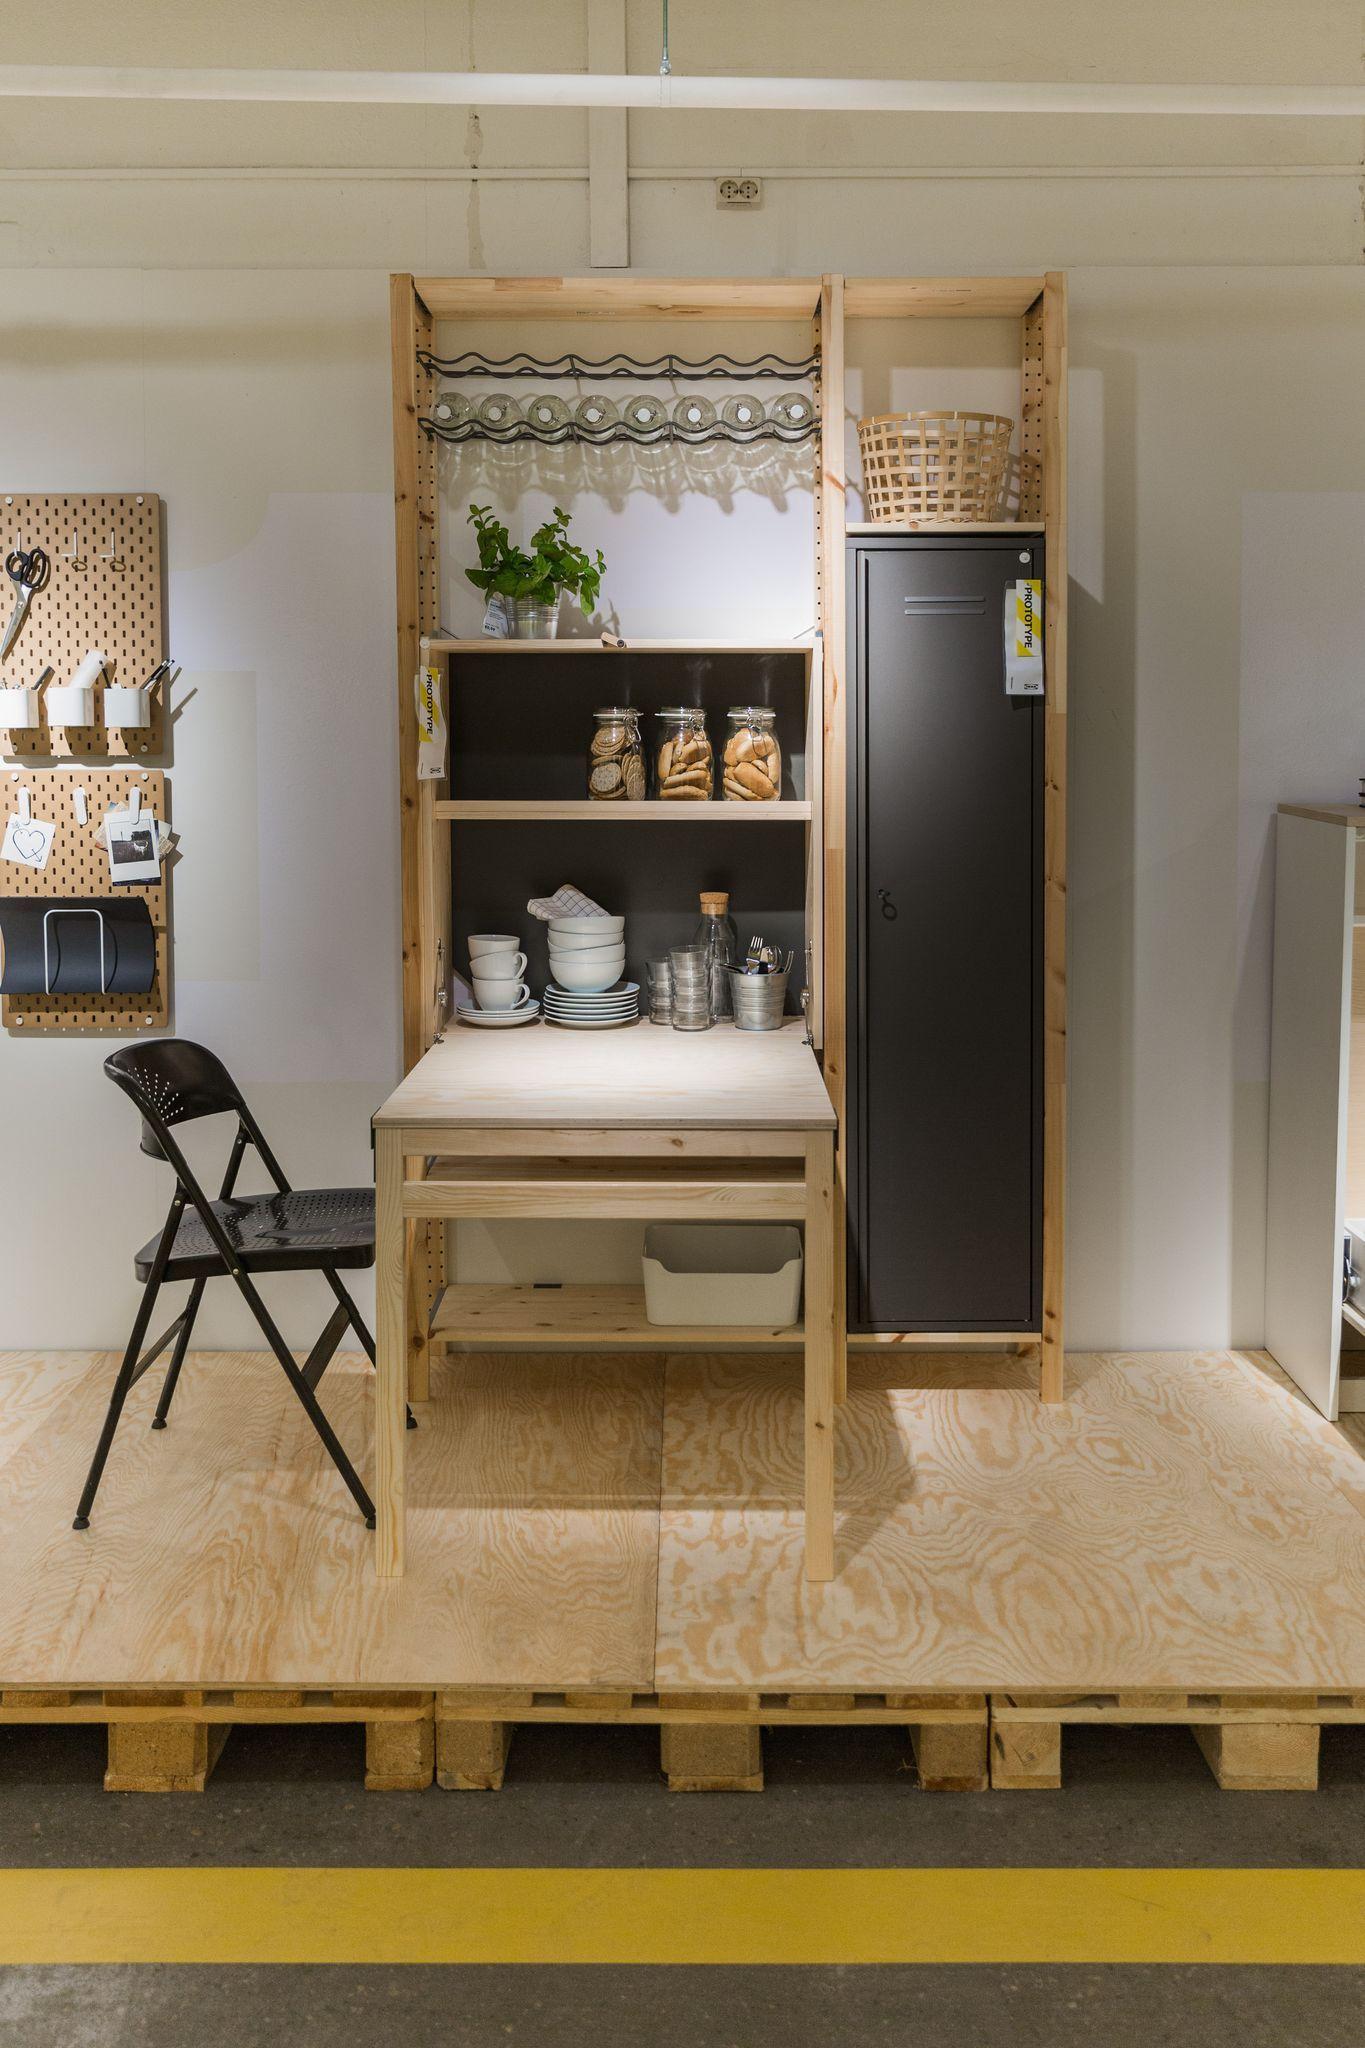 Découvrez En Exclusivité Les Nouveautés Ikea 2017 Micro Living Fluid Life Askenaset Ekebol Ivar Knotten Odger